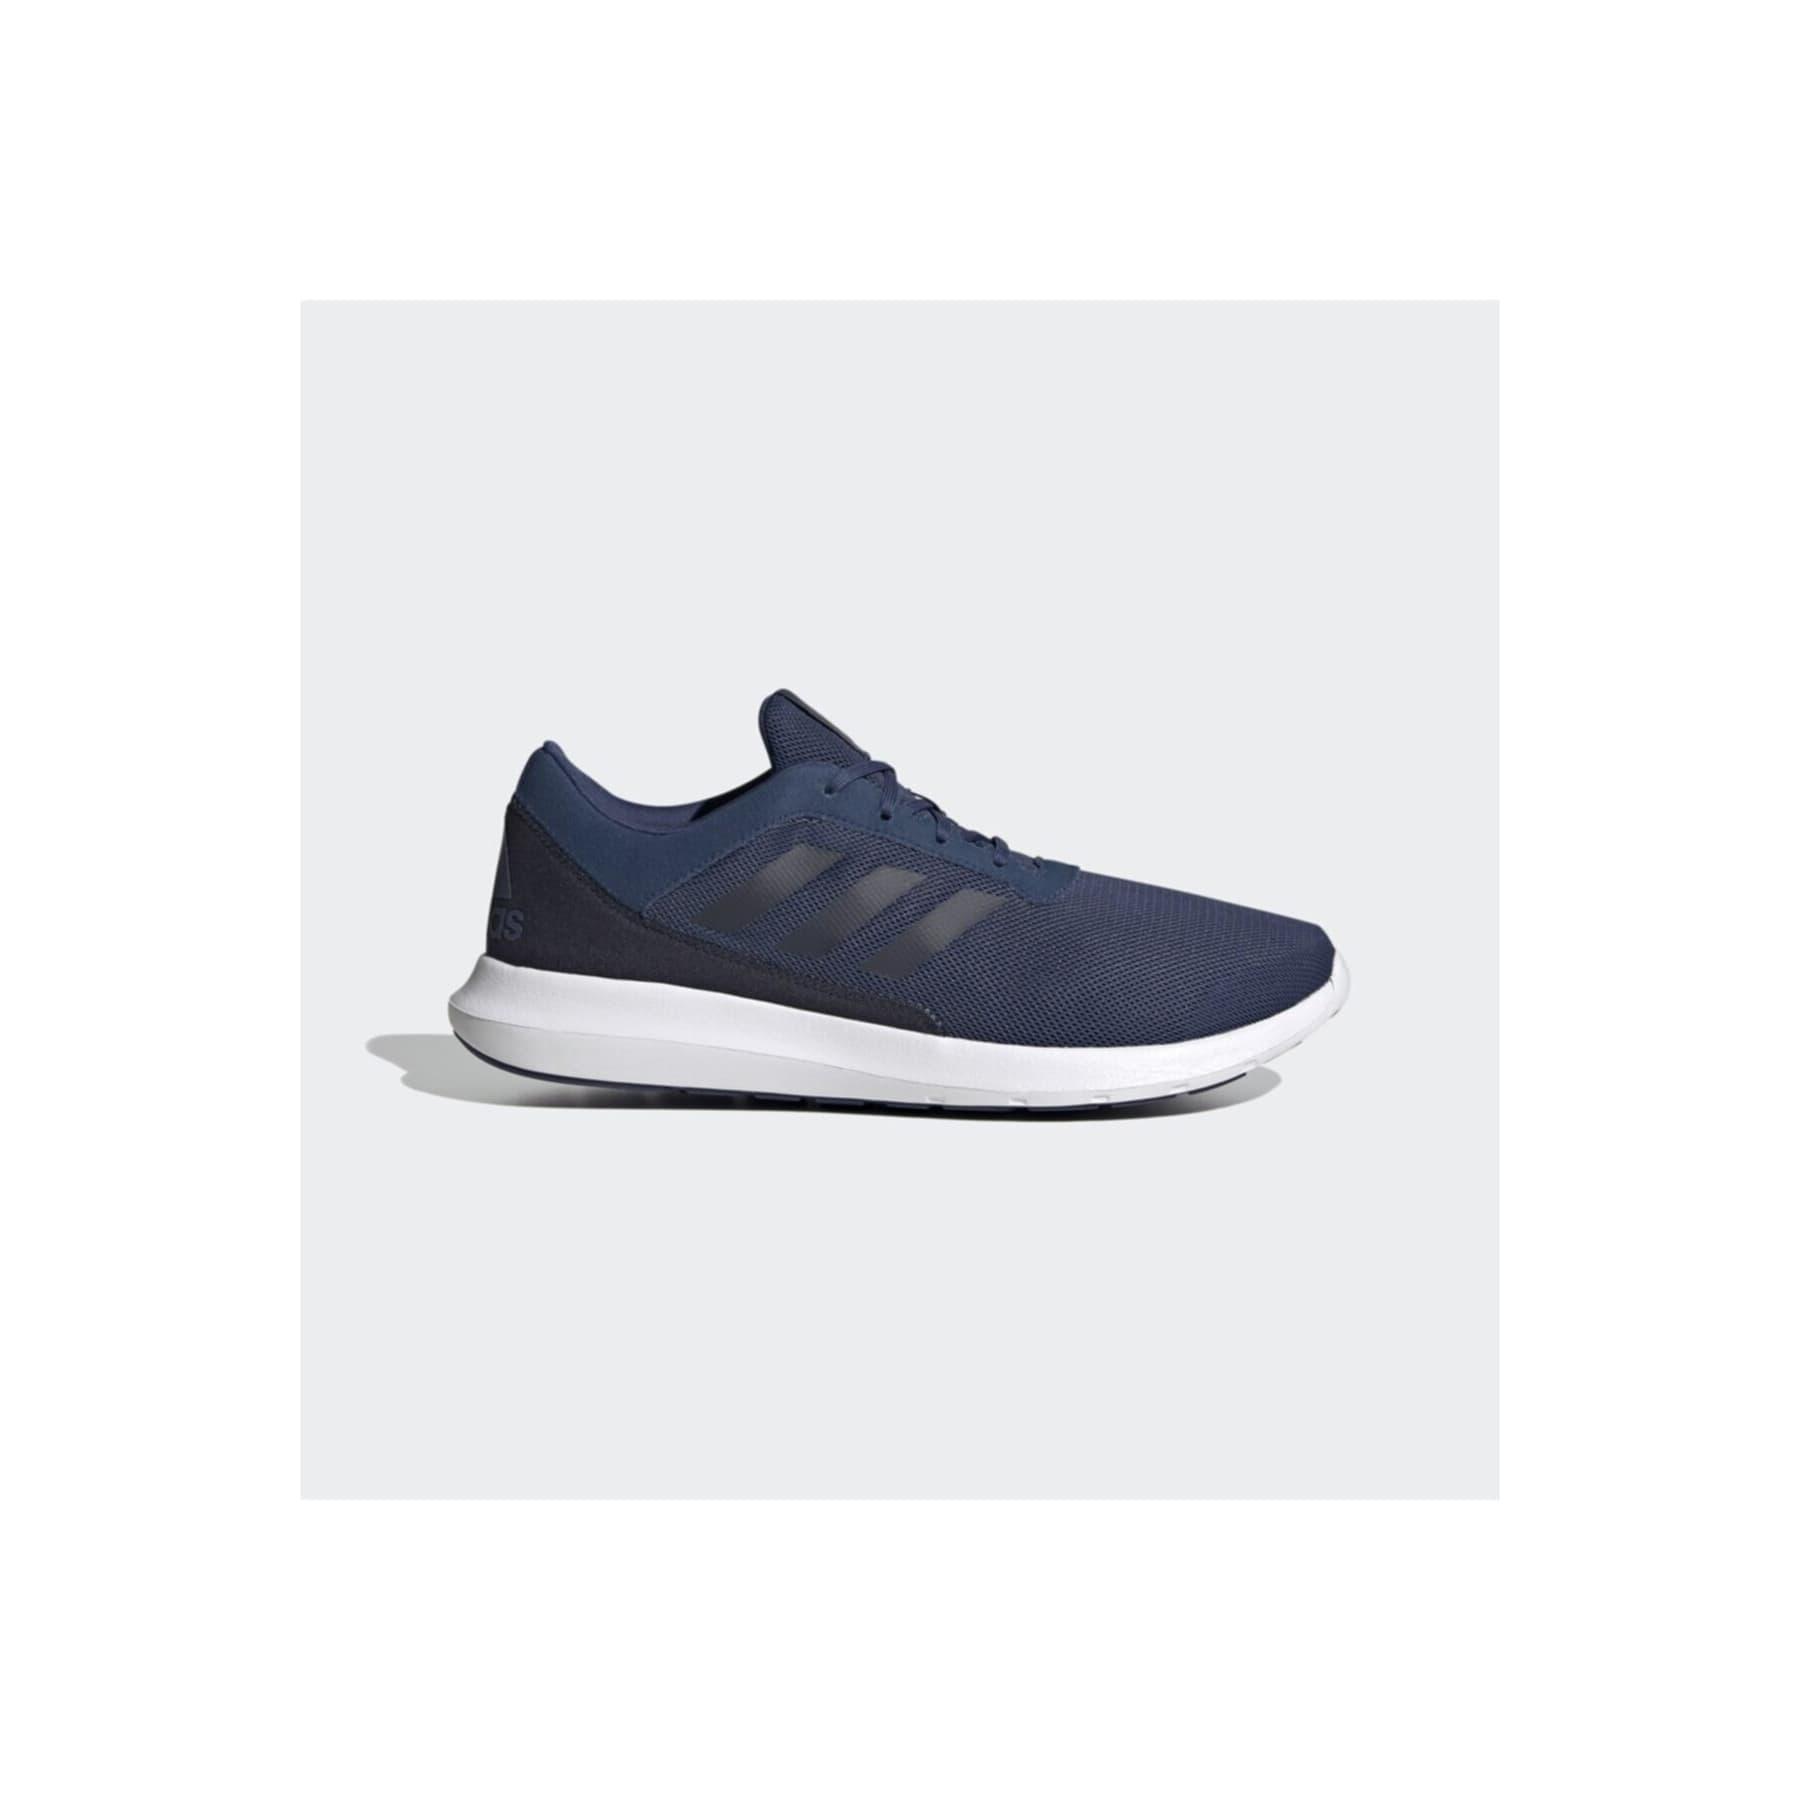 Coreracer Erkek Mavi Koşu Ayakkabısı (FX3594)